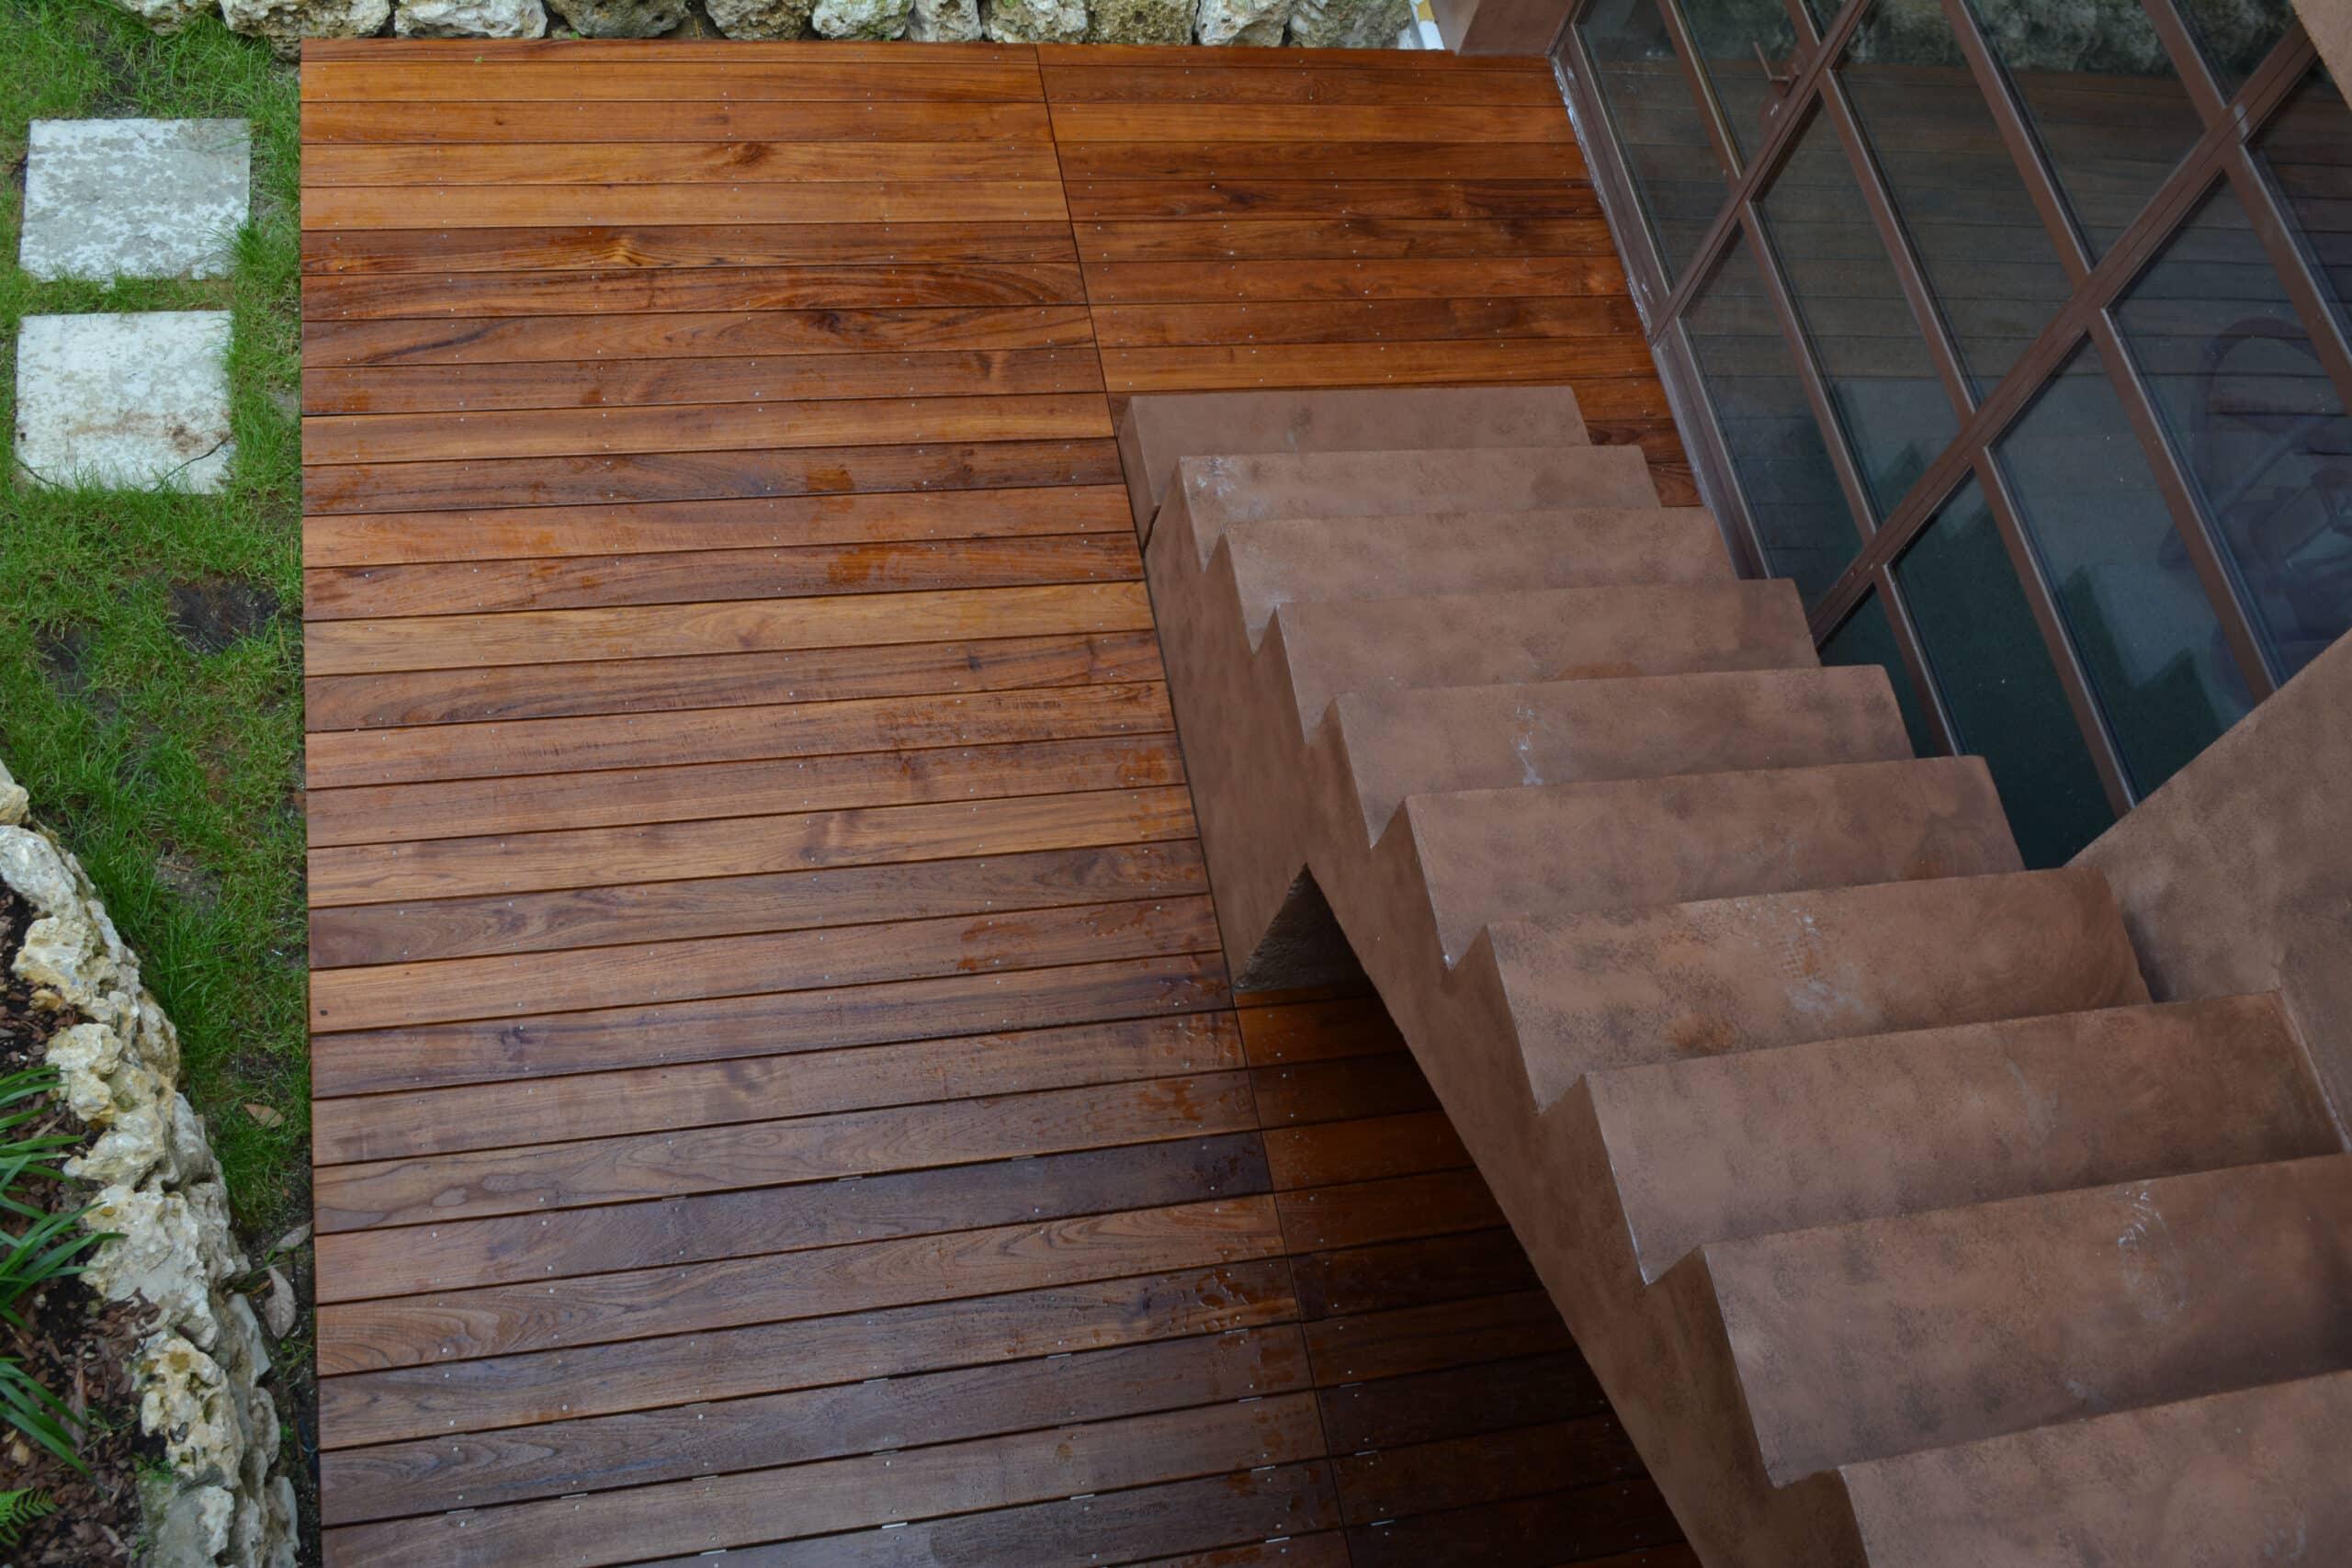 pavimento esterno decking